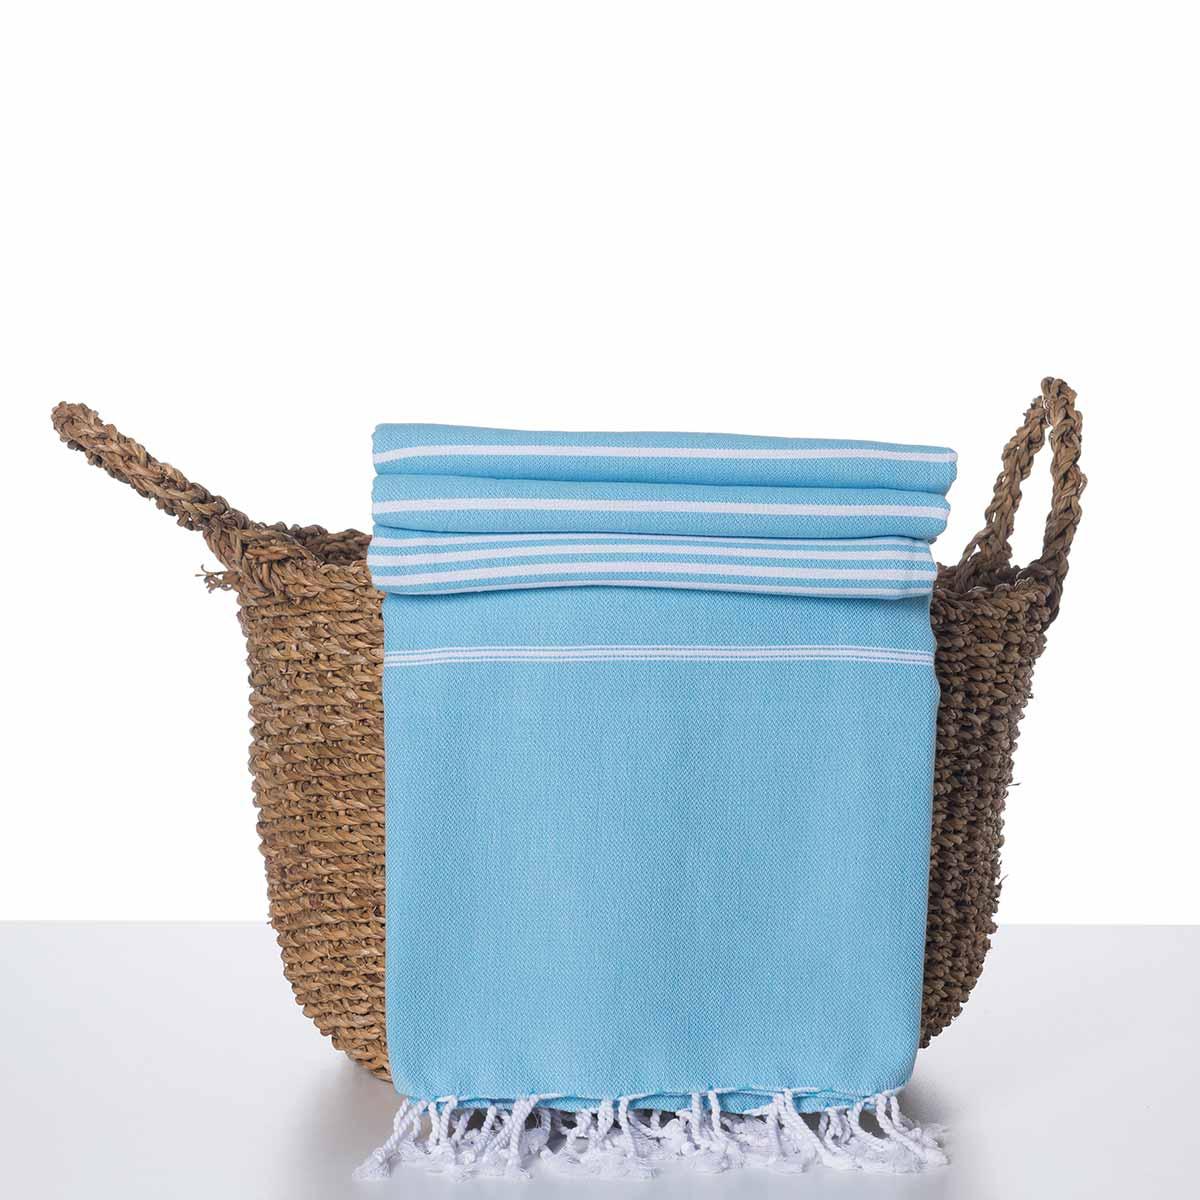 Peshtemal Leyla / Duo - Turquoise